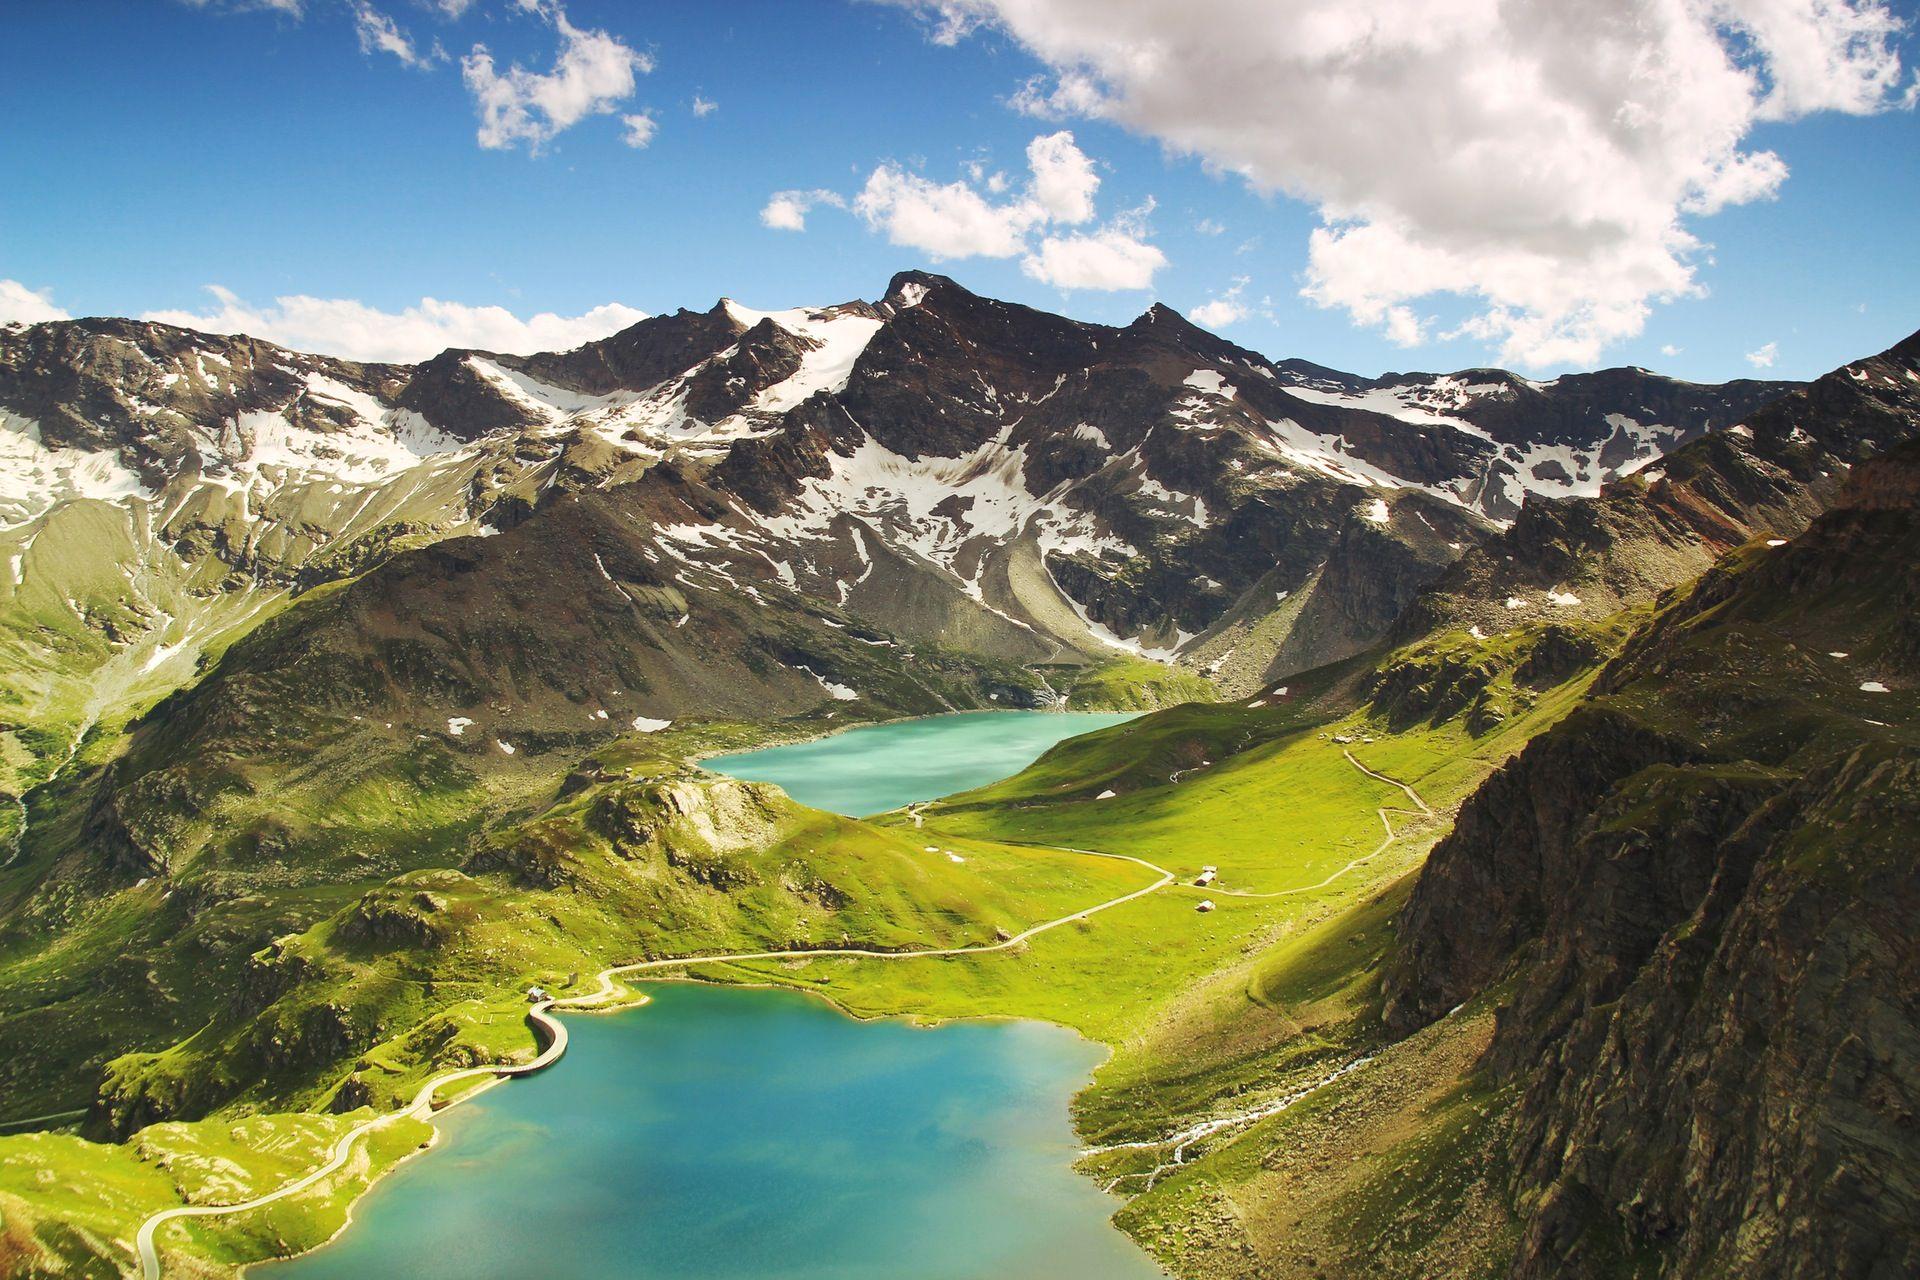 Fondo De Pantalla Paisaje Montañas Nevada: Montañas, Pradera, Lago, Nieve, Italia, Paisaje, Vista